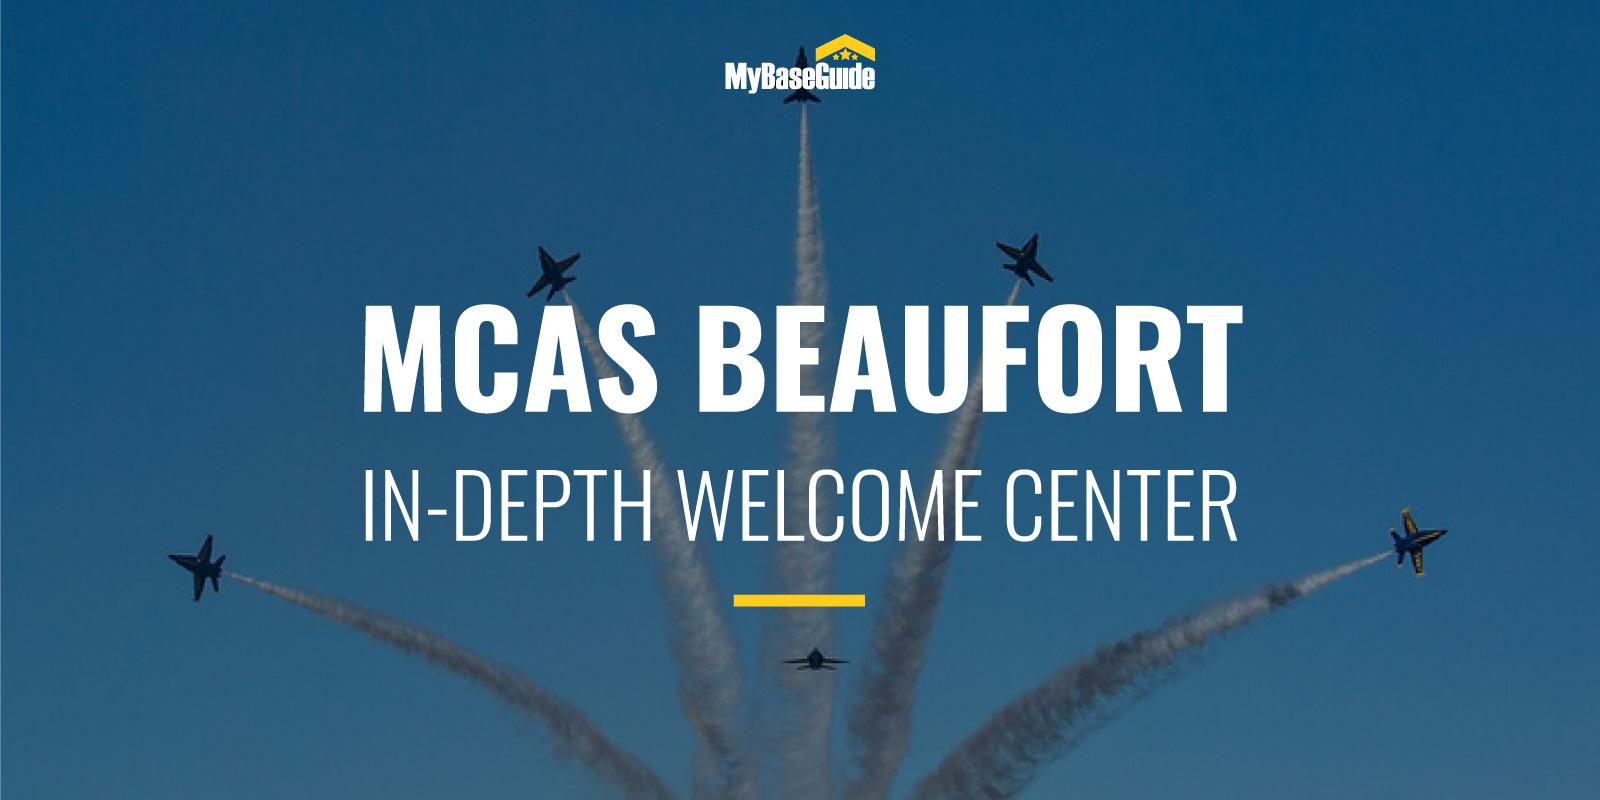 MCAS Beaufort: In-Depth Welcome Center